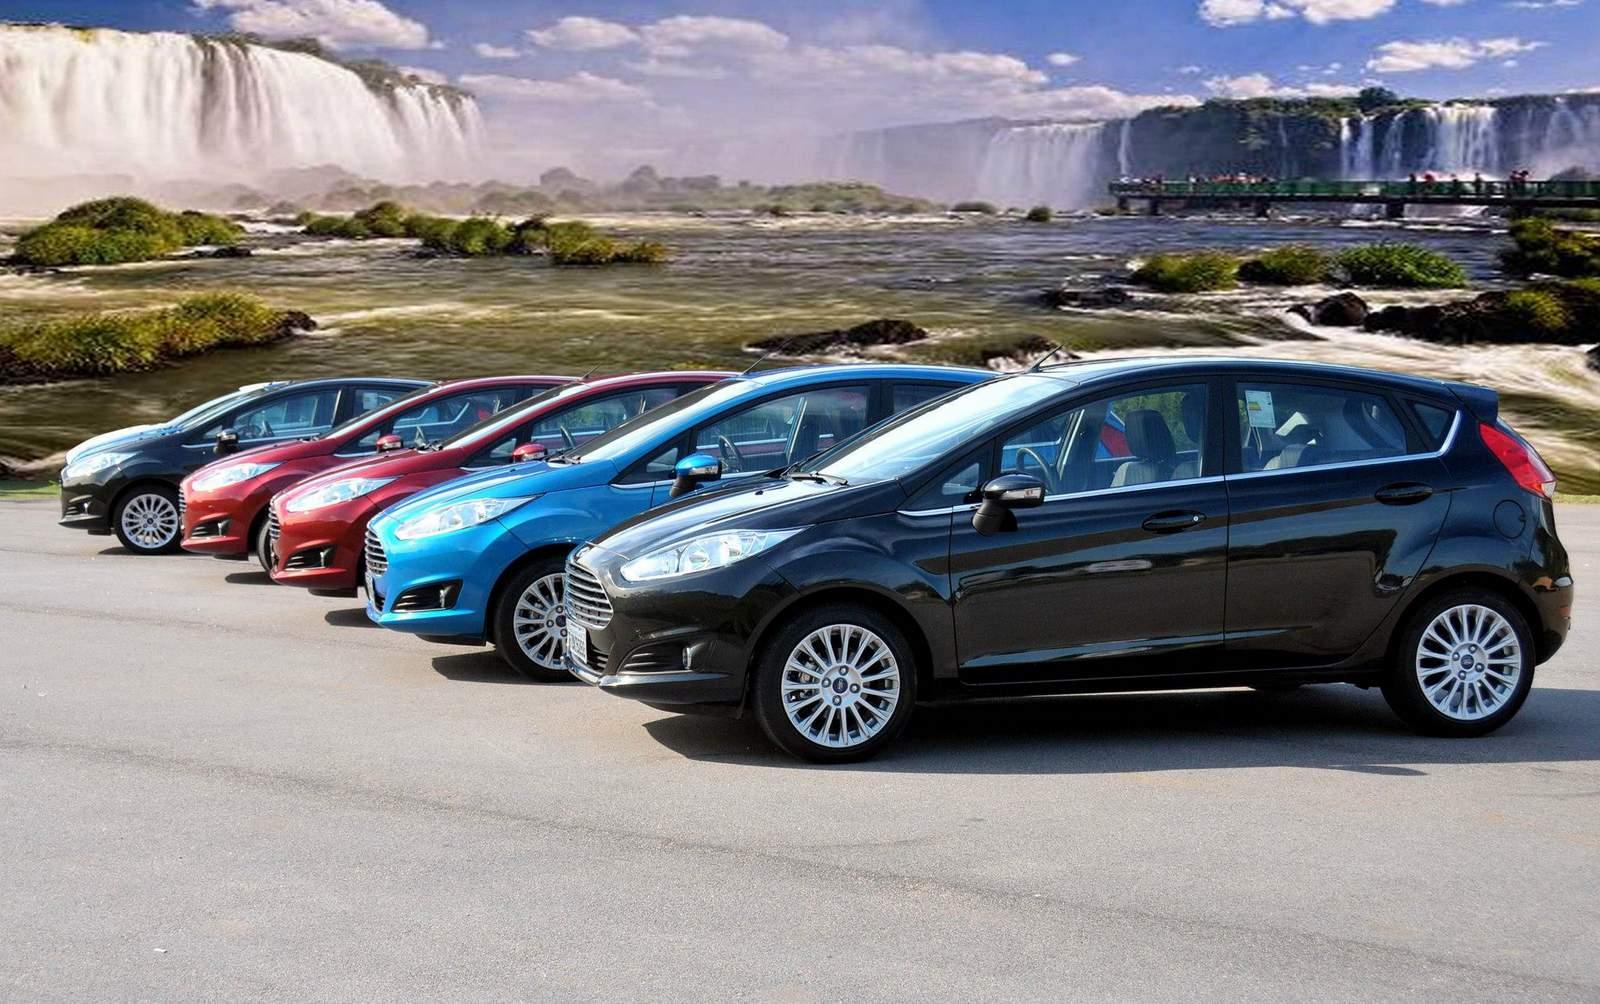 Ford New Fiesta 2015